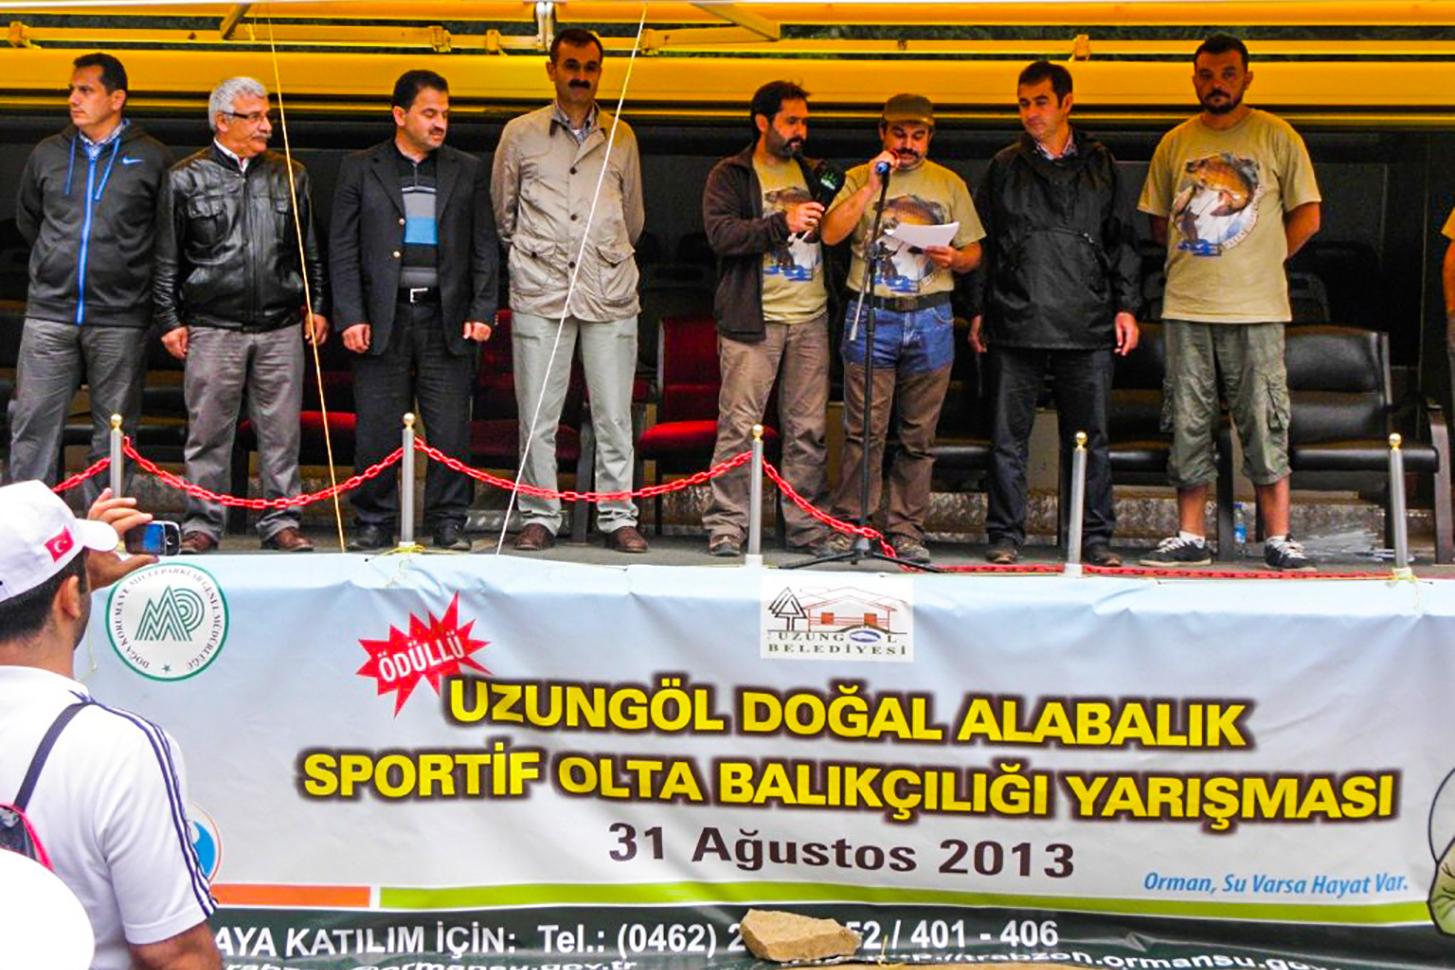 Uzungöl Sportif Olta Balıkçılığı Yarışması